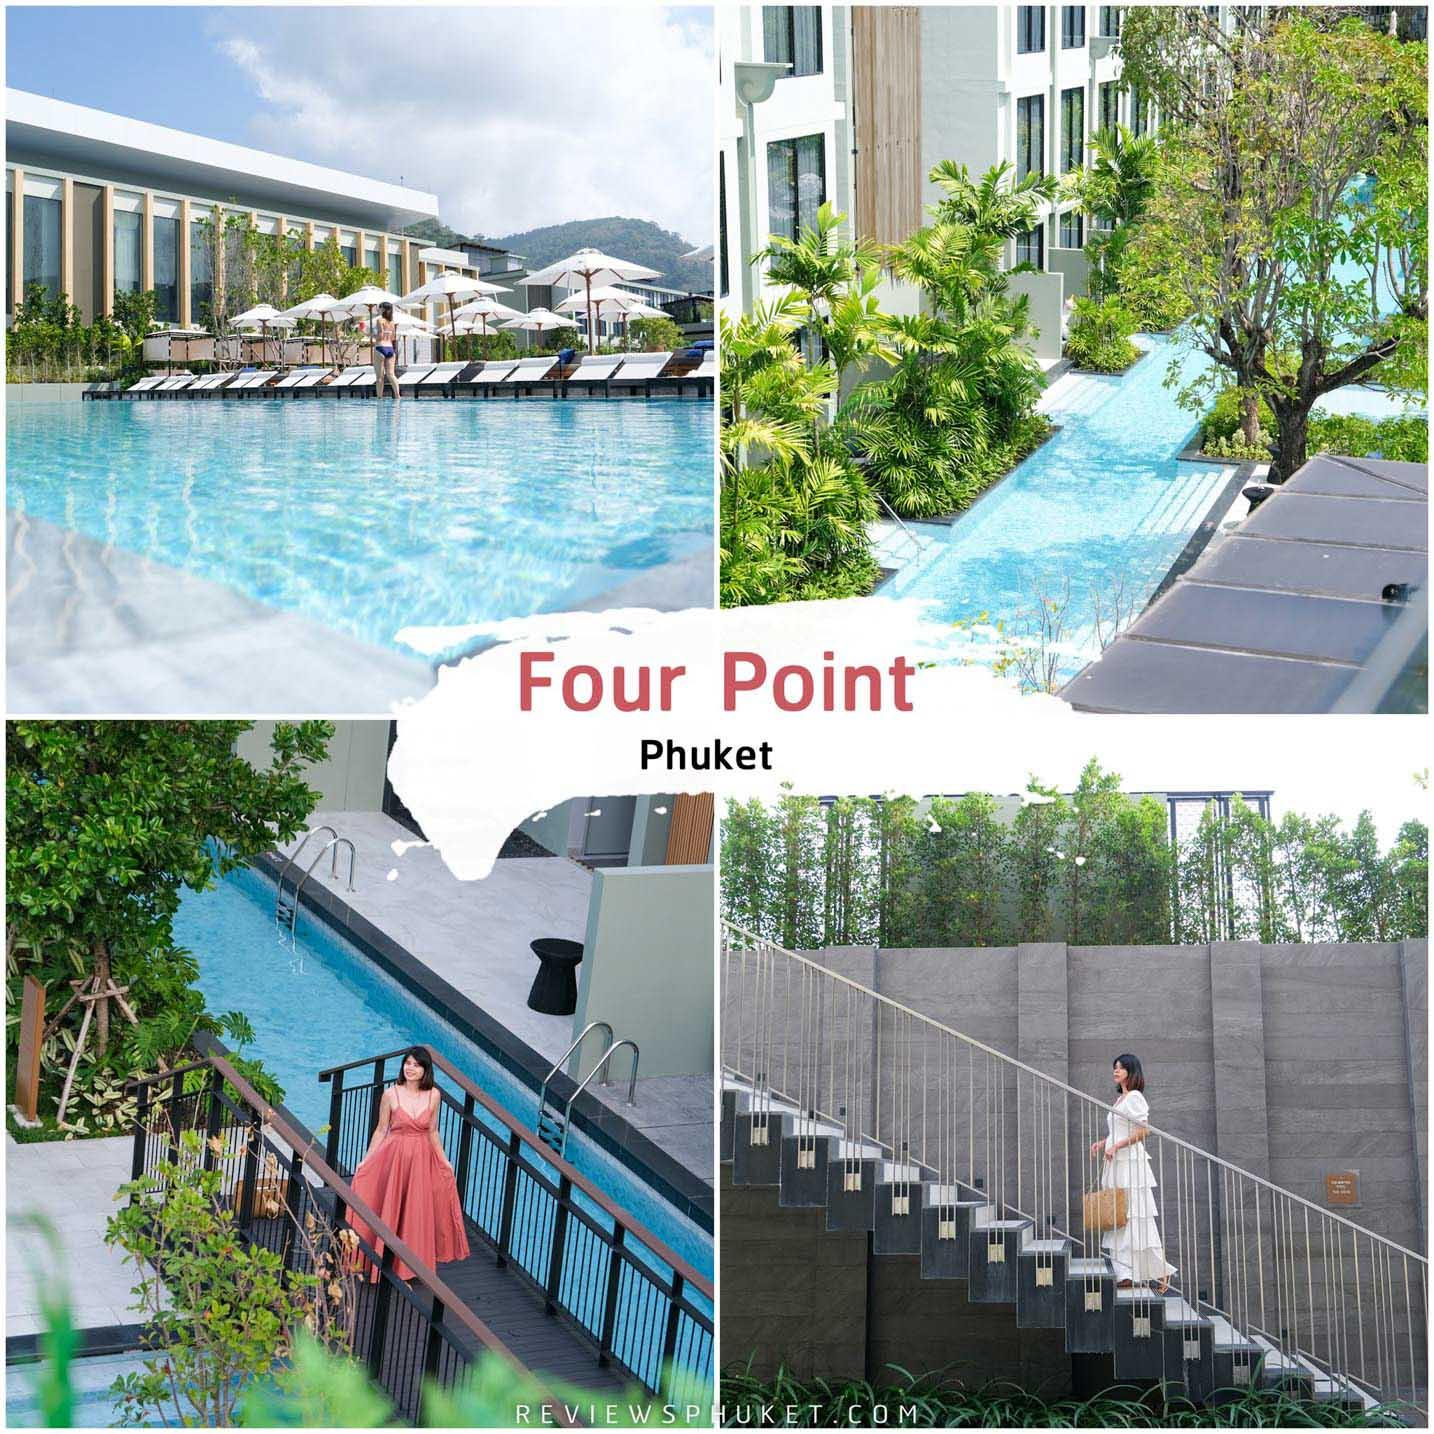 Four Point Phuket